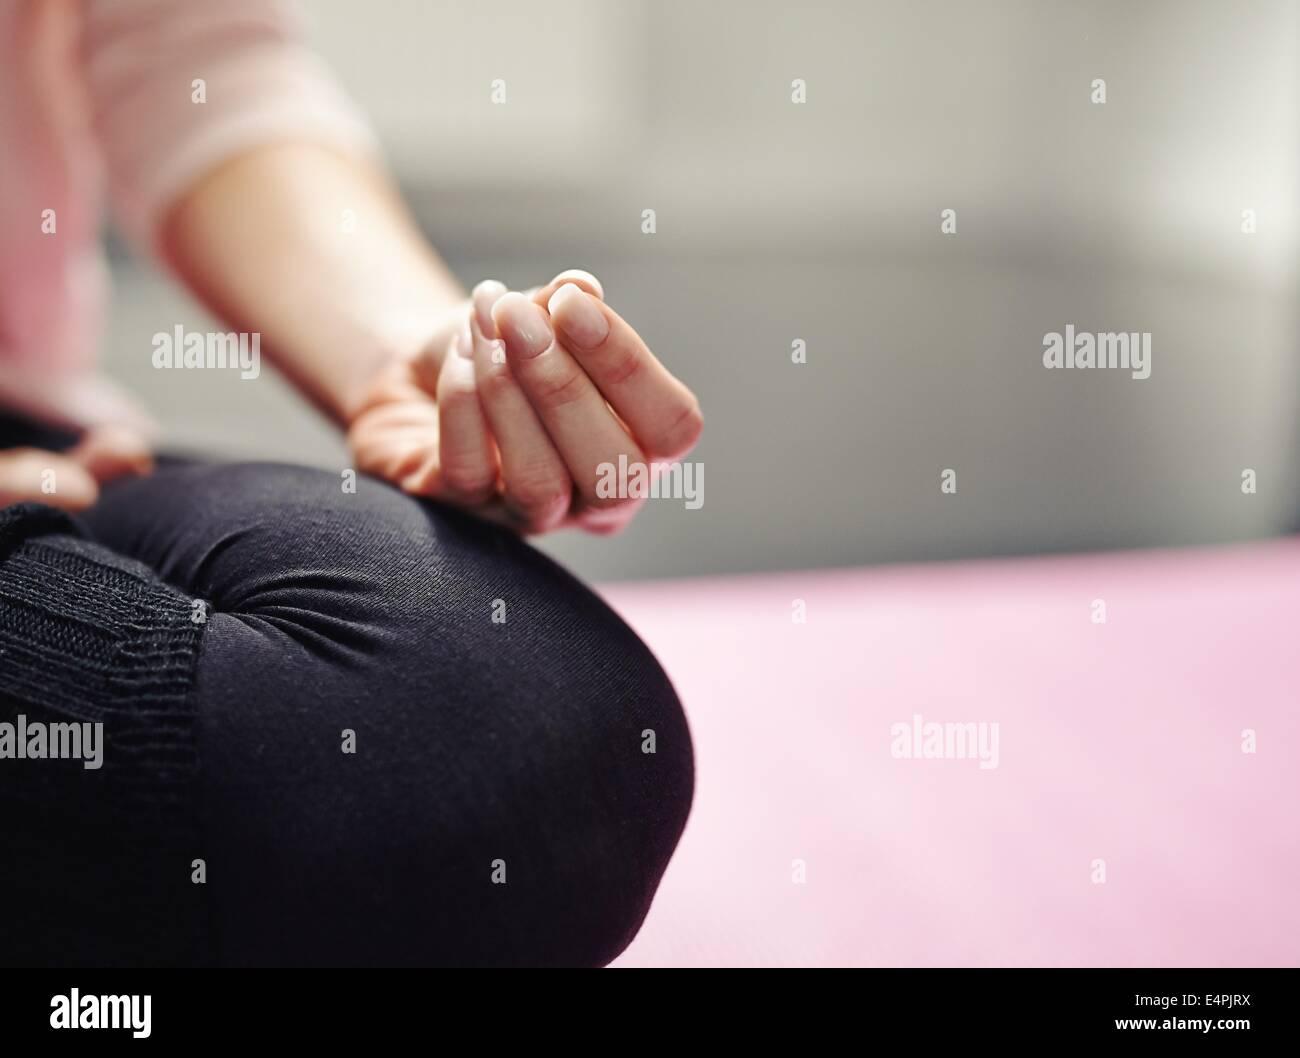 Sezione bassa di donna seduta con le gambe incrociate sul tappetino meditazione yoga in postura. Immagine ritagliata Immagini Stock